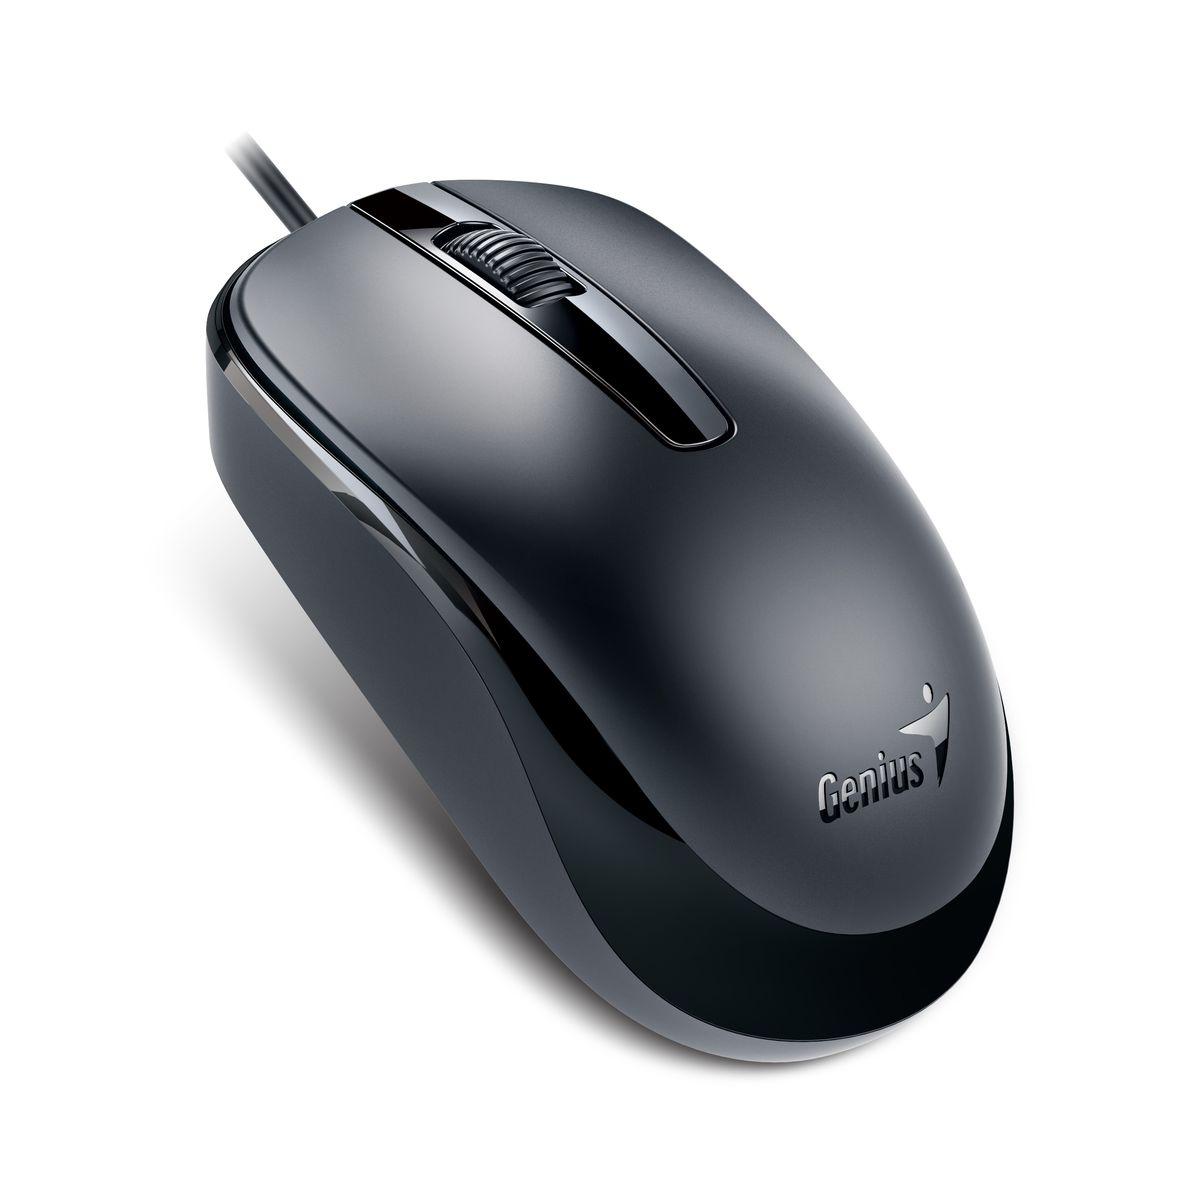 Genius DX-120, Black мышь31010105100Genius DX-120 - это классическая проводная мышь черного цвета с тремя кнопками, колесом прокрутки и интерфейсом подключения USB. Данная модель имеет оптический сенсор с разрешением 1000 dpi, который обеспечивает четкость движения и высокую скорость перемещения курсора во время работы. Компактная и эргономичная конструкция, и простота установки делают Genius DX-120 отличной покупкой.